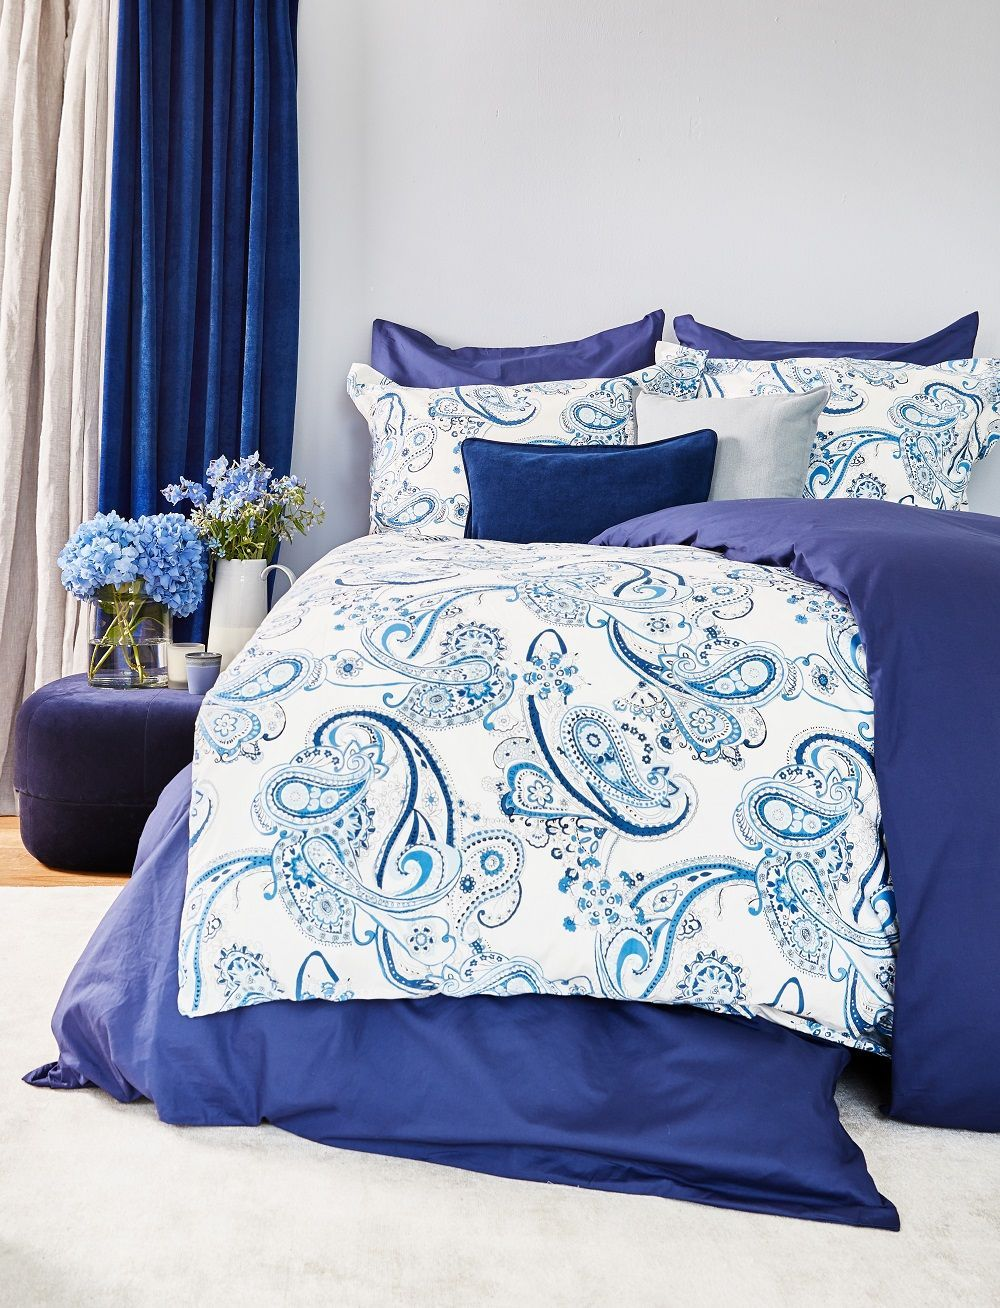 Blue Dreams Mit Der Perkal Bettwasche Farina Kannst Du Zu Hause